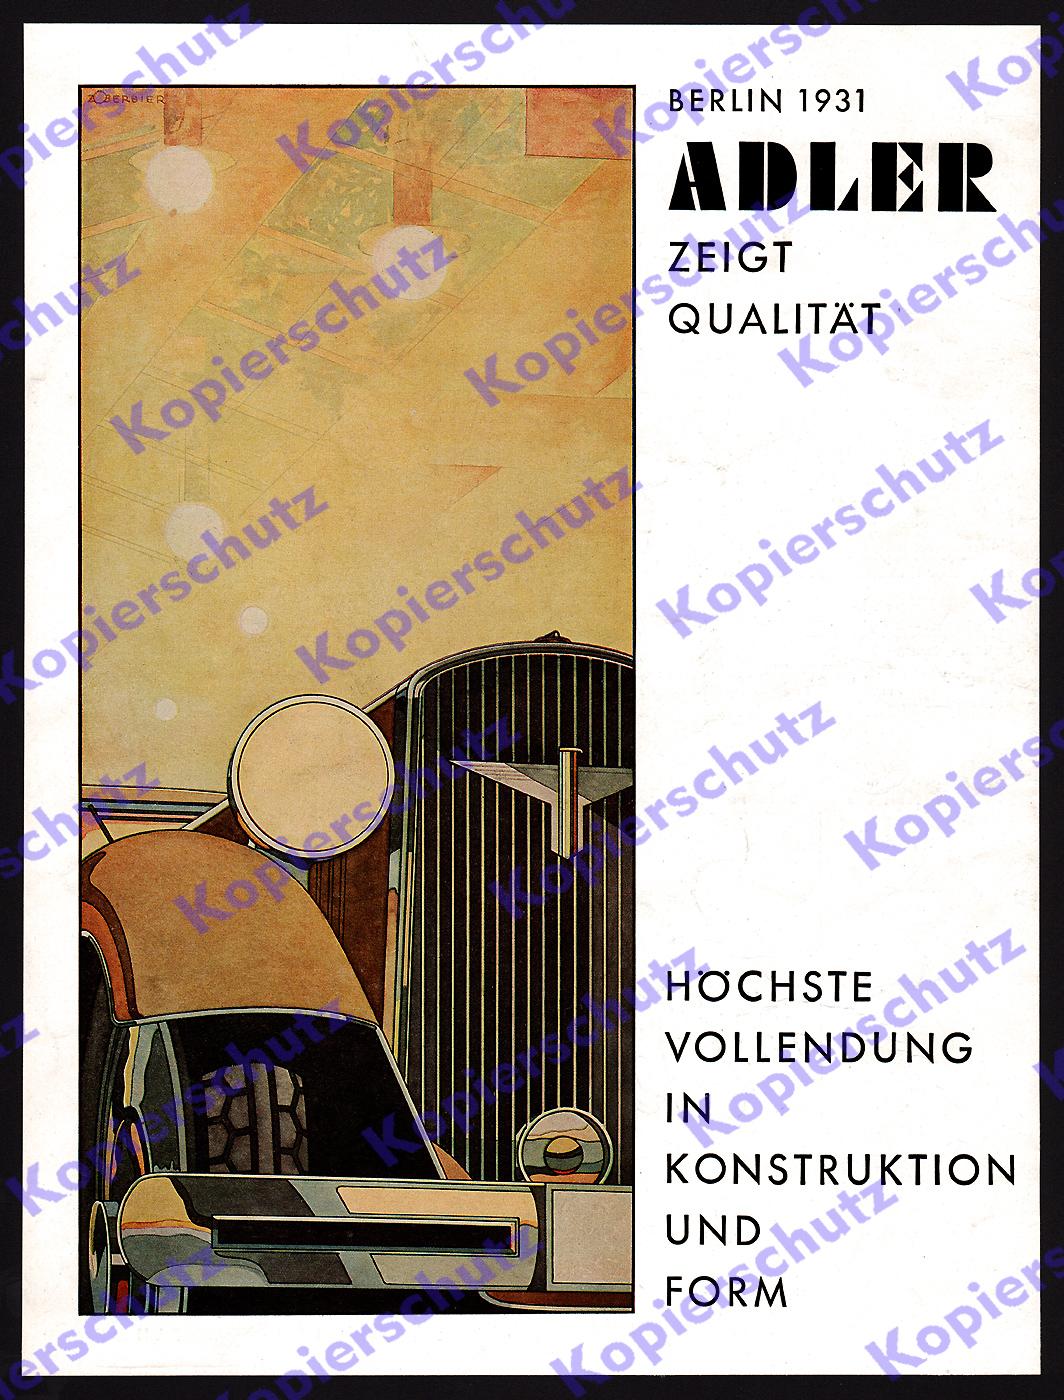 zoberbier farbreklame auto adler primus cabrio frankfurt art deco iaa berlin 31 ebay. Black Bedroom Furniture Sets. Home Design Ideas